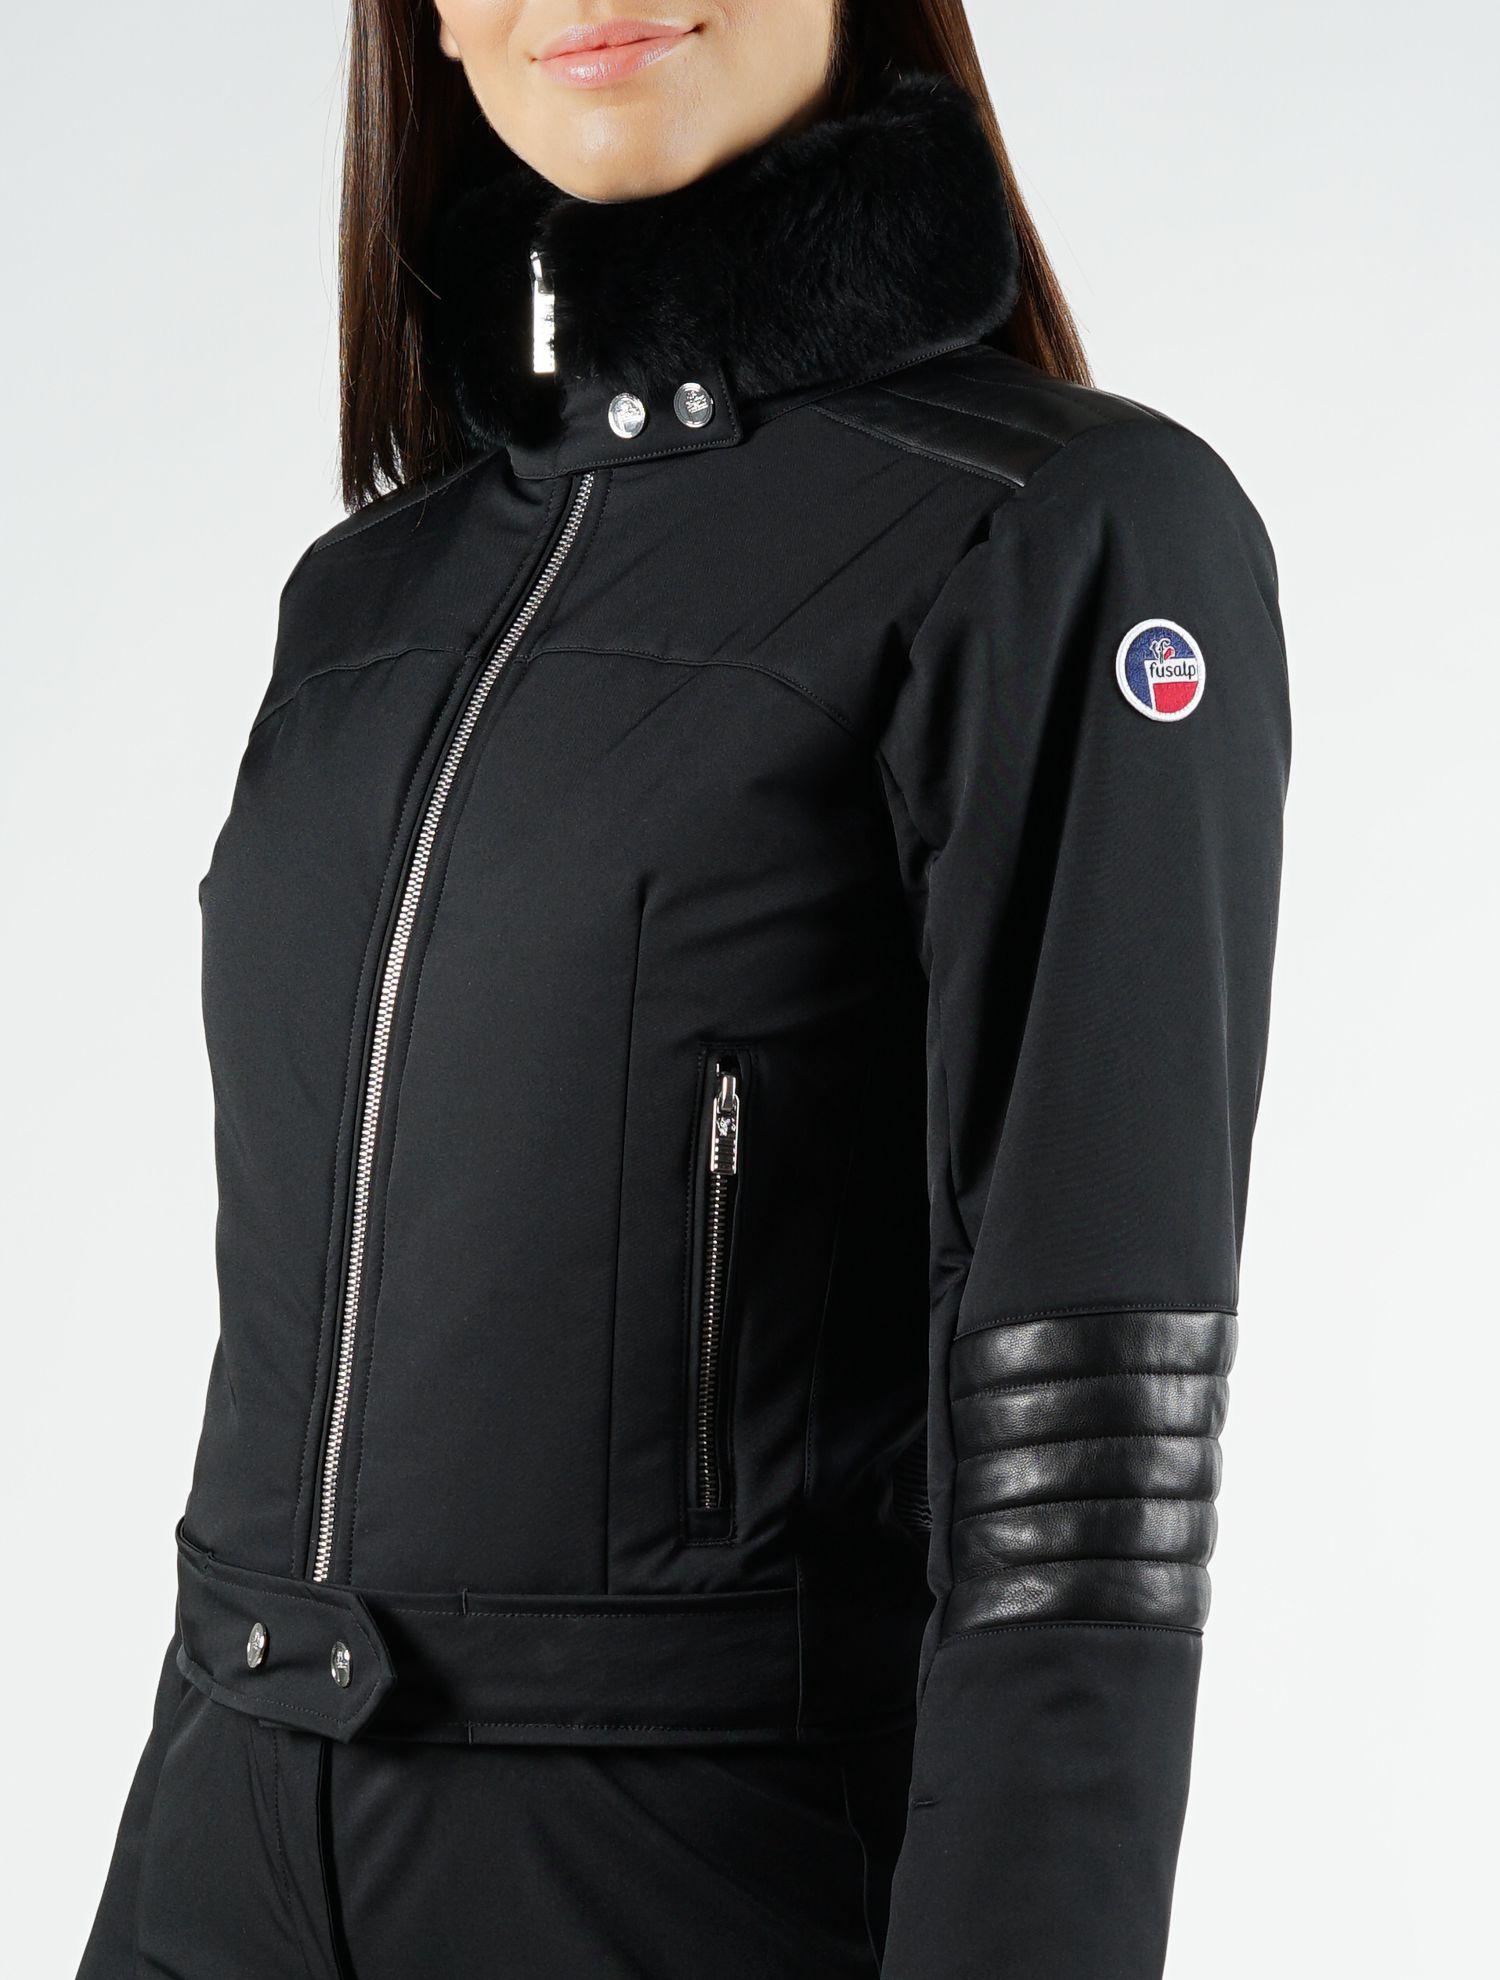 volume grand obtenir pas cher fournir un grand choix de Combinaison Stranda II : Combinaison de ski pour femme